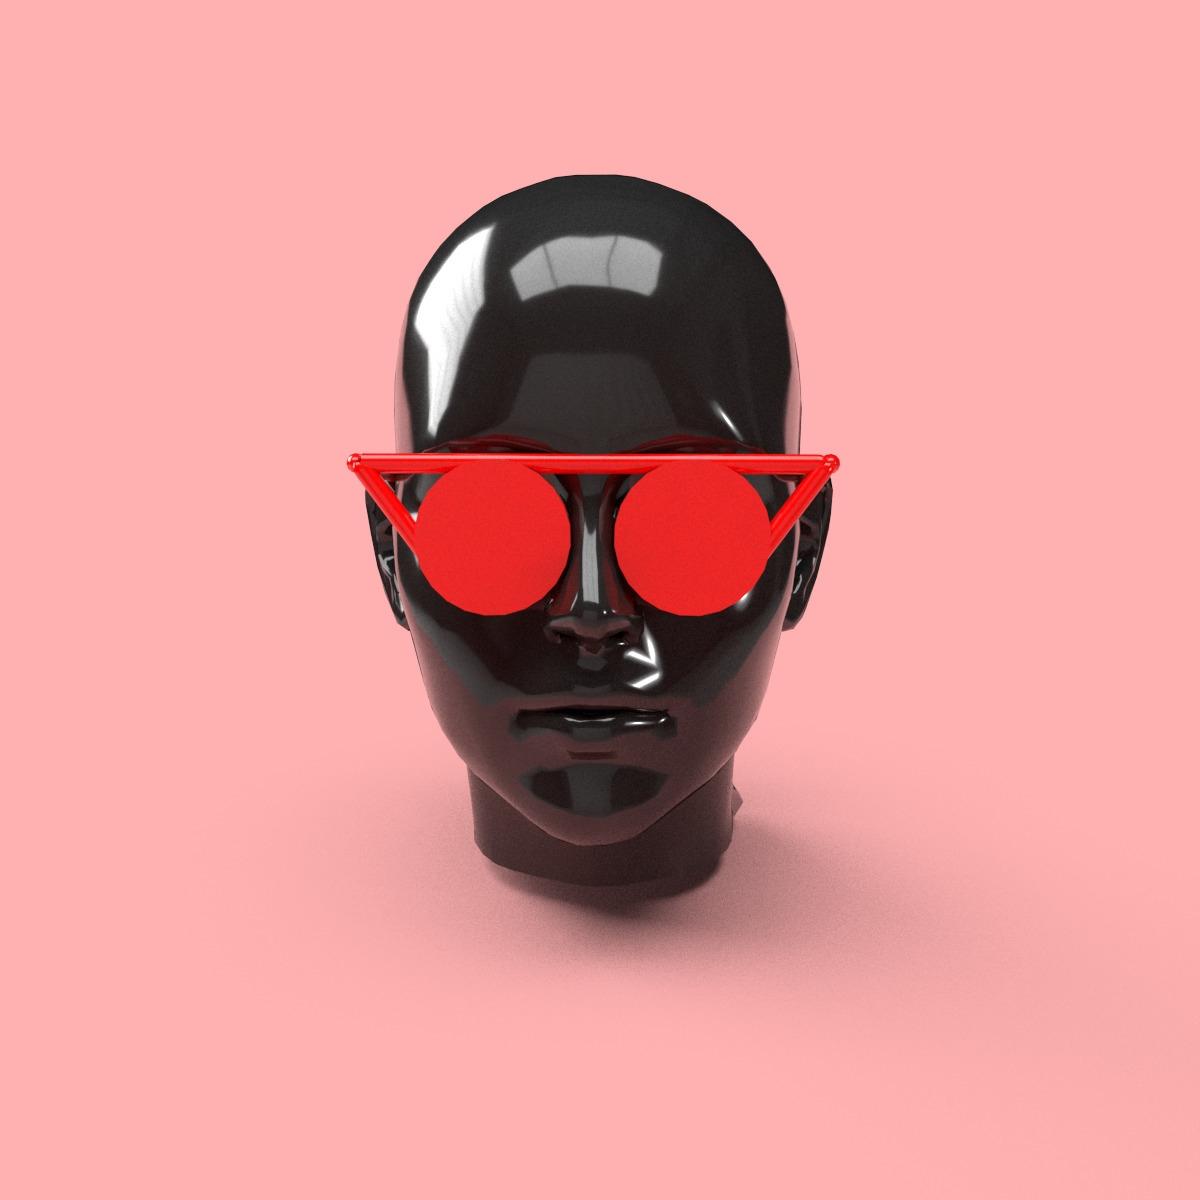 Designed glasses VR night. 3D p - lucian | ello